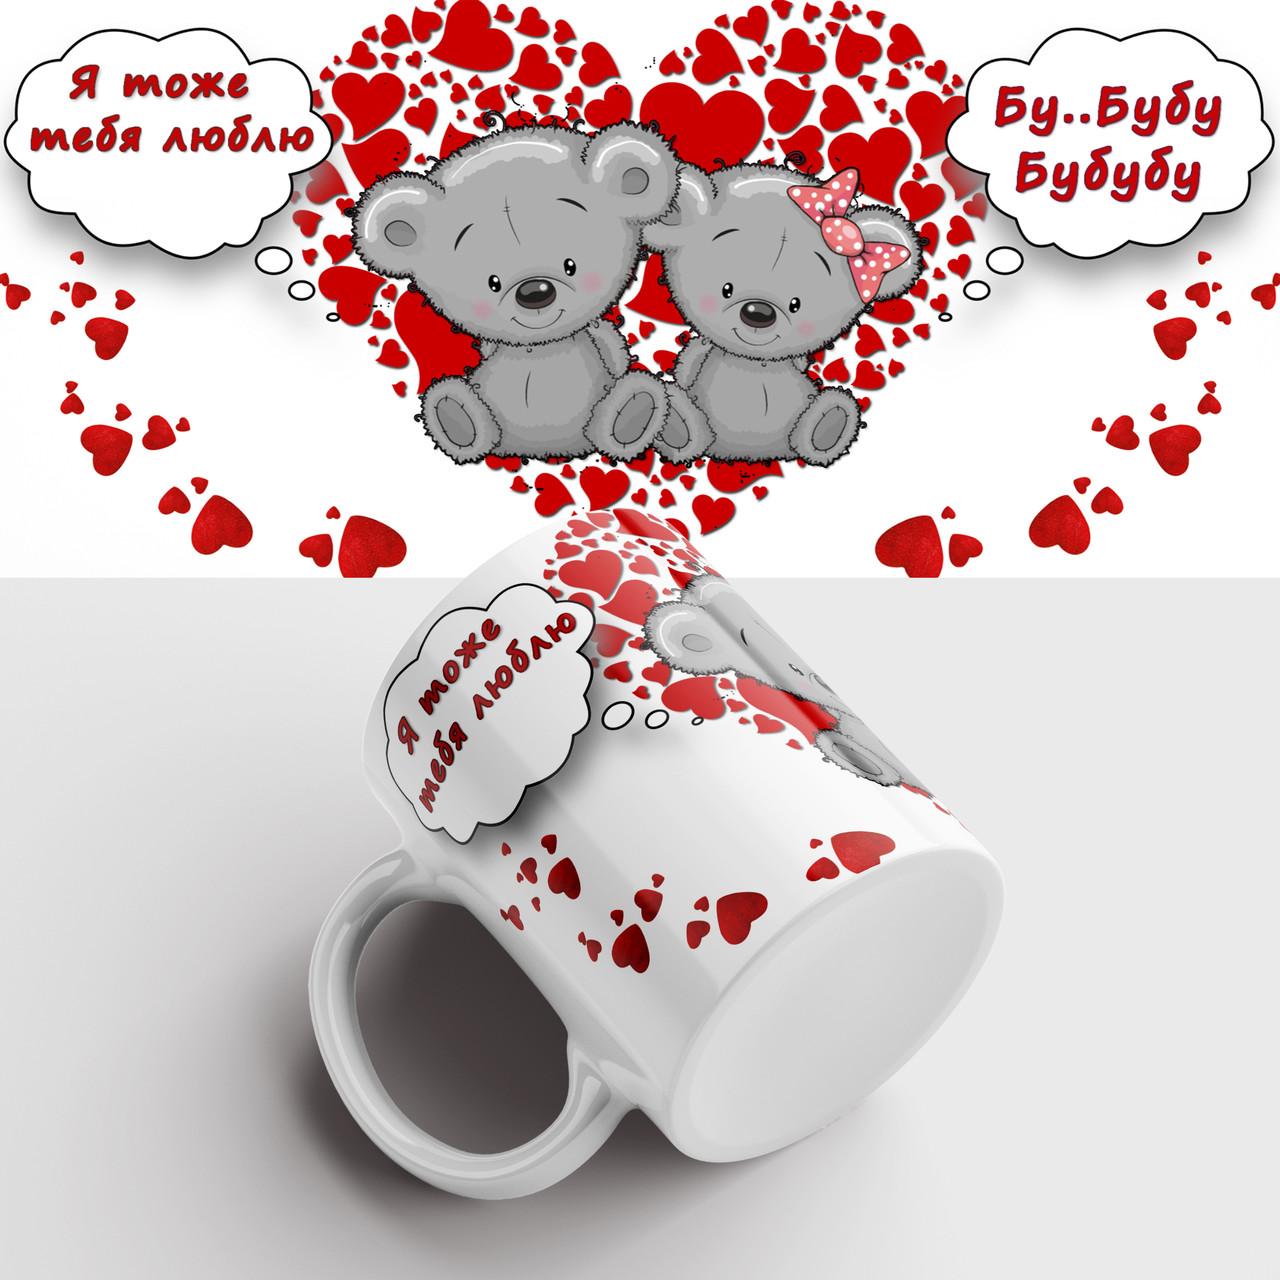 Чашка подарок любимому / любимой Love. Чашка с принтом Любовь. Чашка с фото